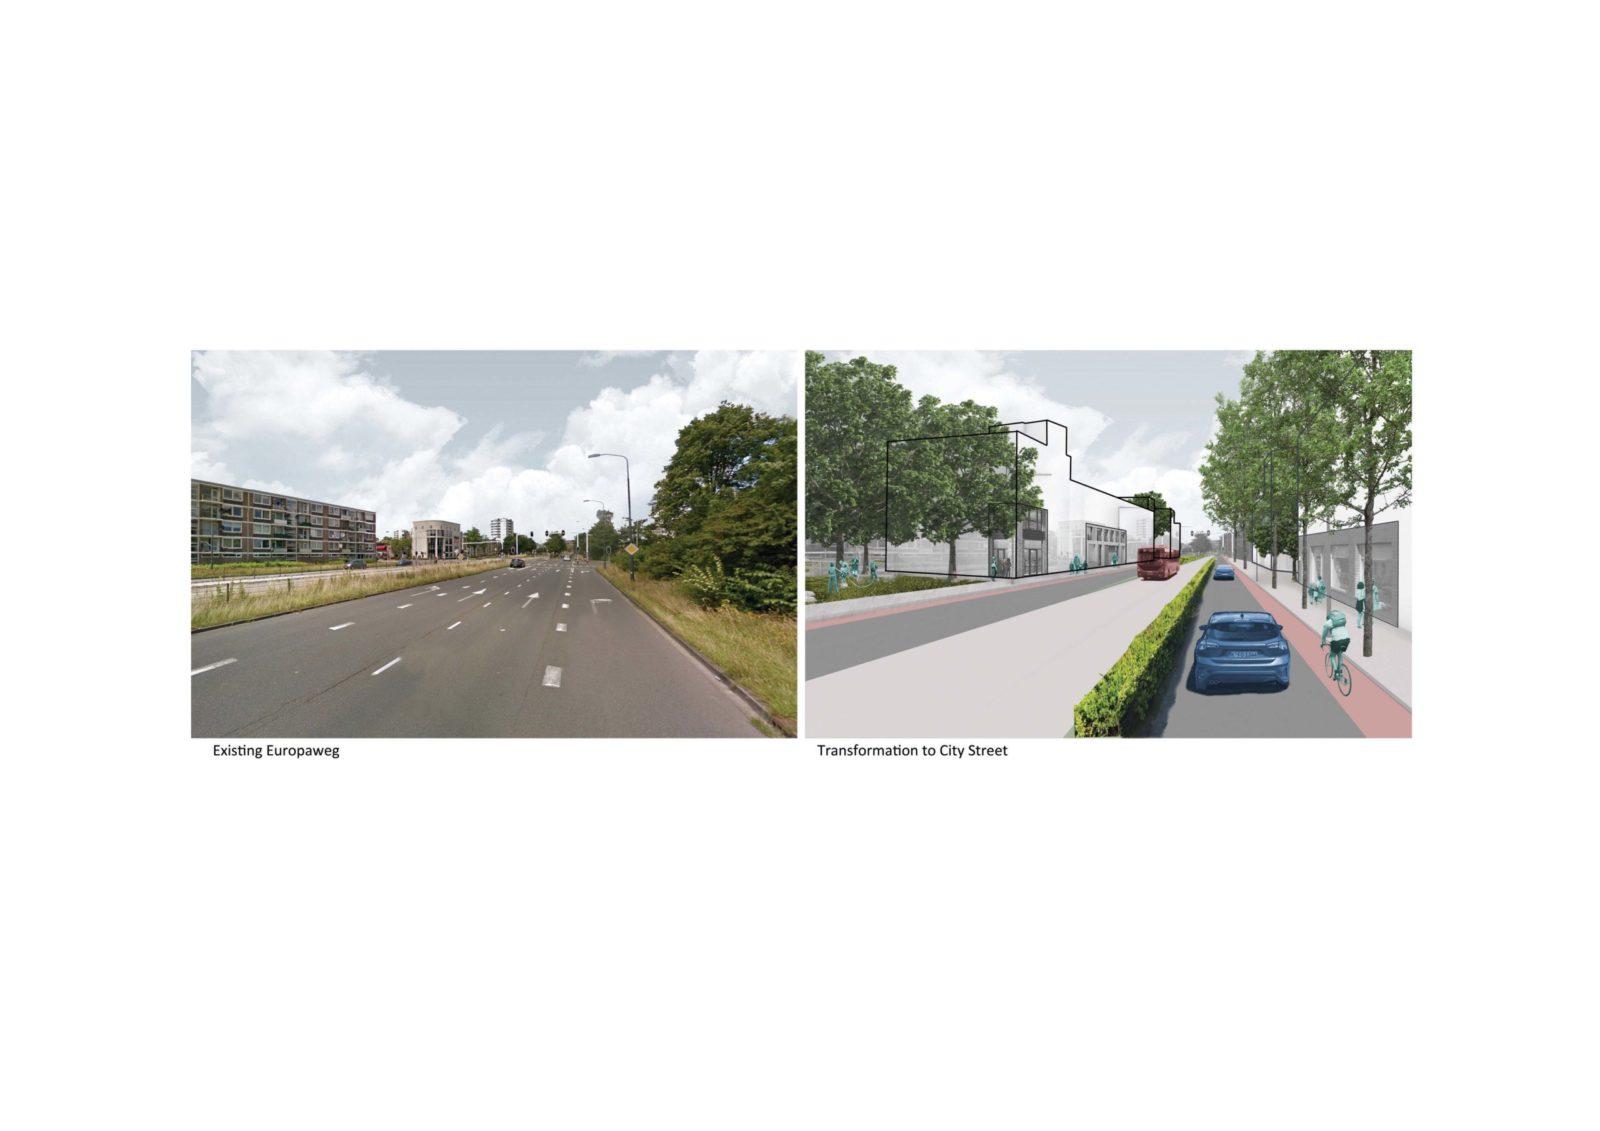 02_VE-R_Europaweg to CityStreet